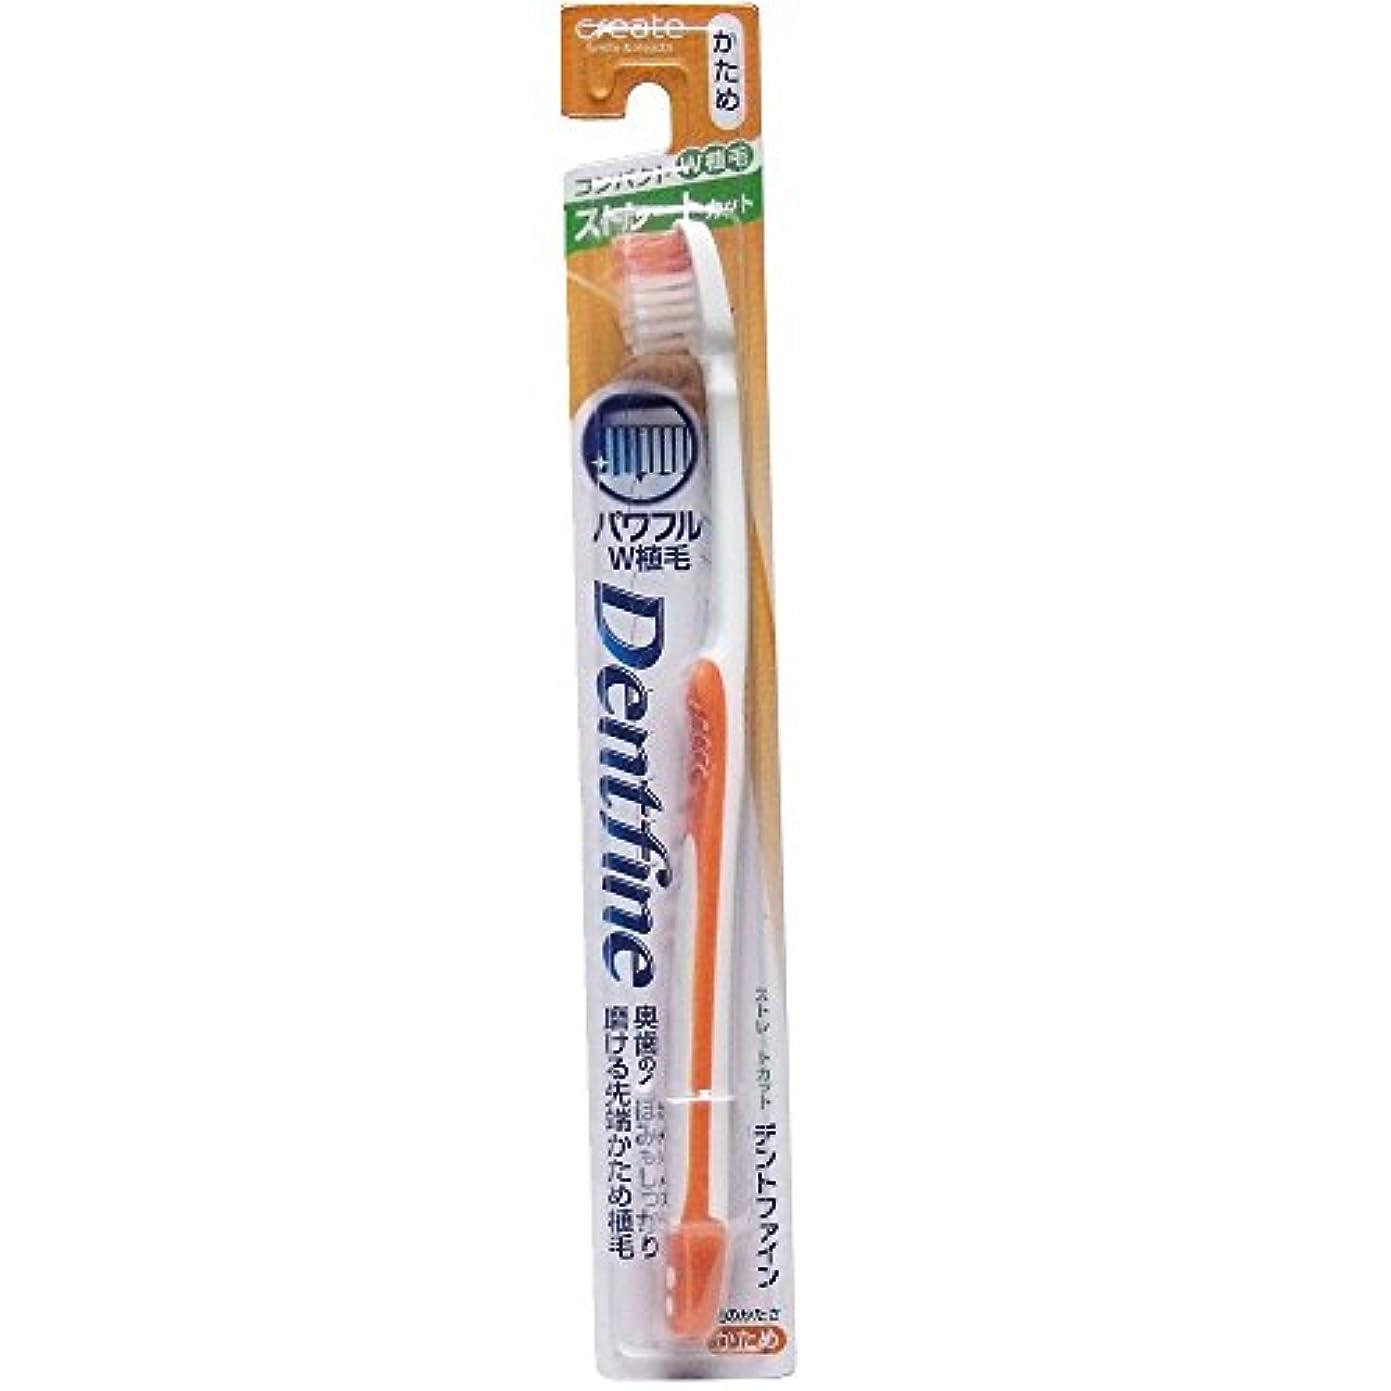 レシピ穿孔する受けるデントファイン ラバーグリップ ストレートカット 歯ブラシ かため 1本:オレンジ